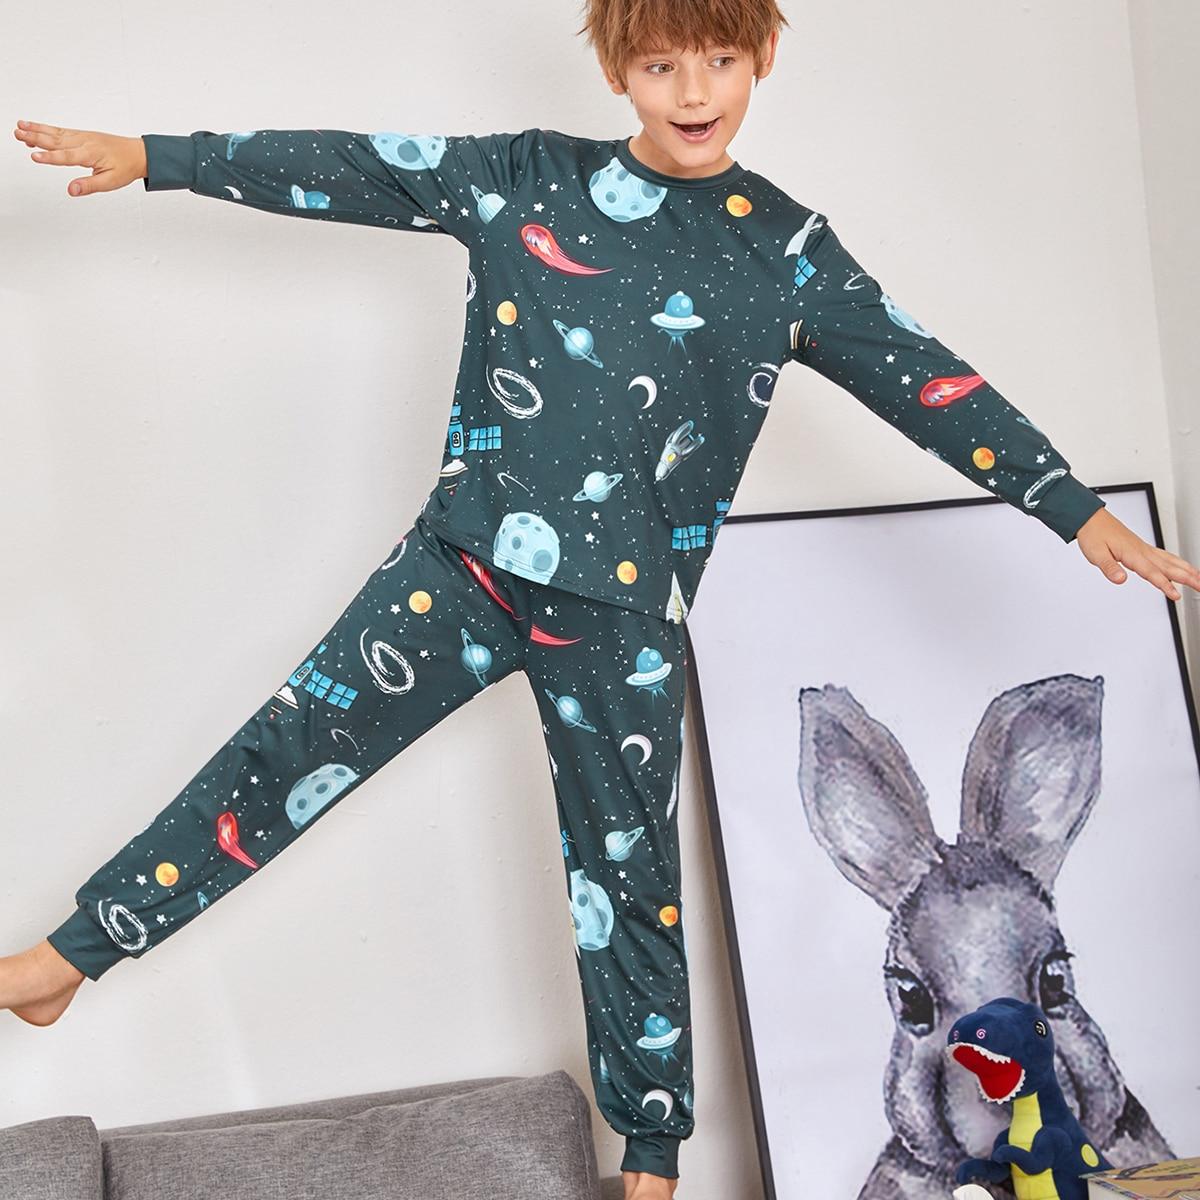 Принт космос Повседневный Домашняя одежда для мальчиков